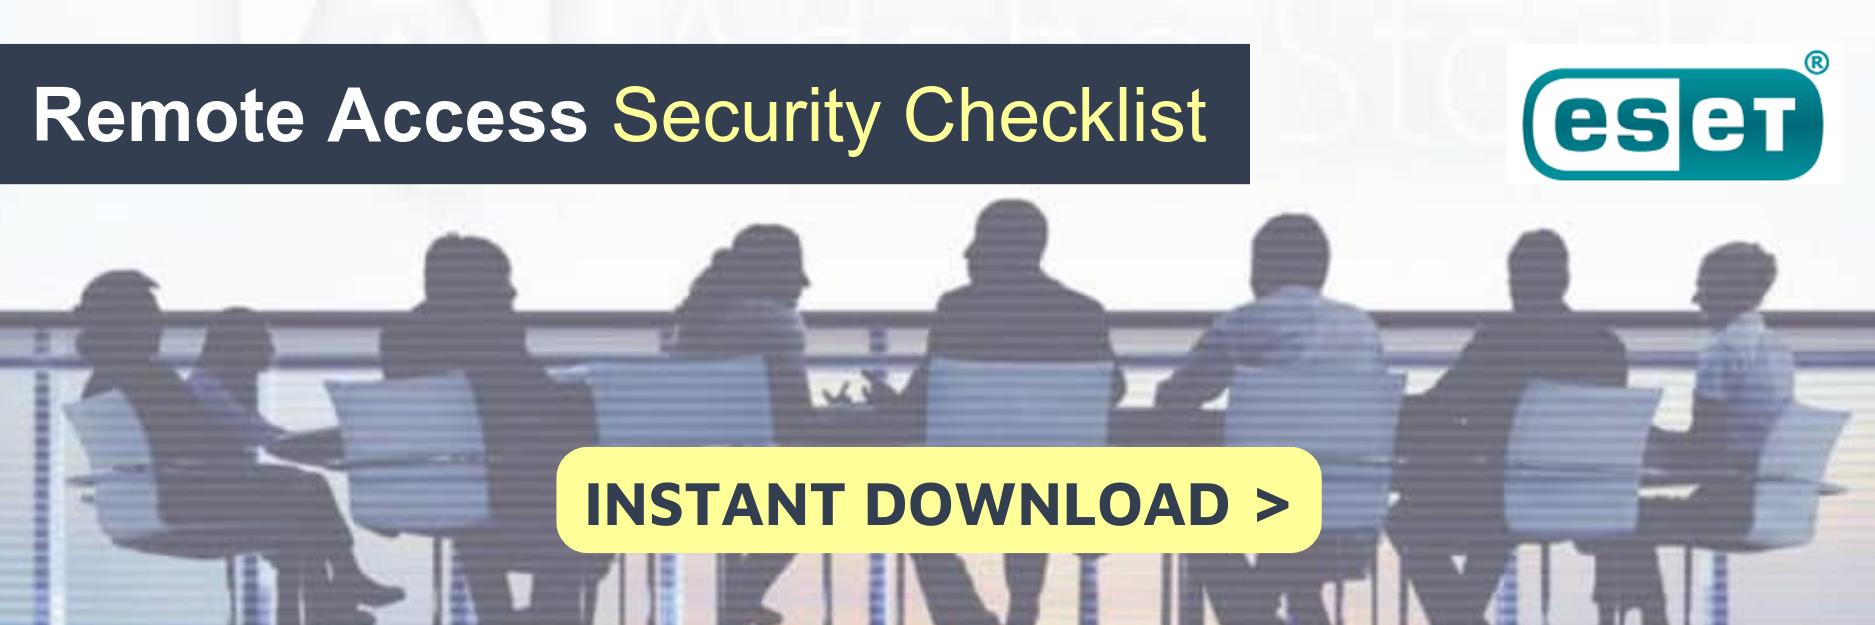 ESET checklist